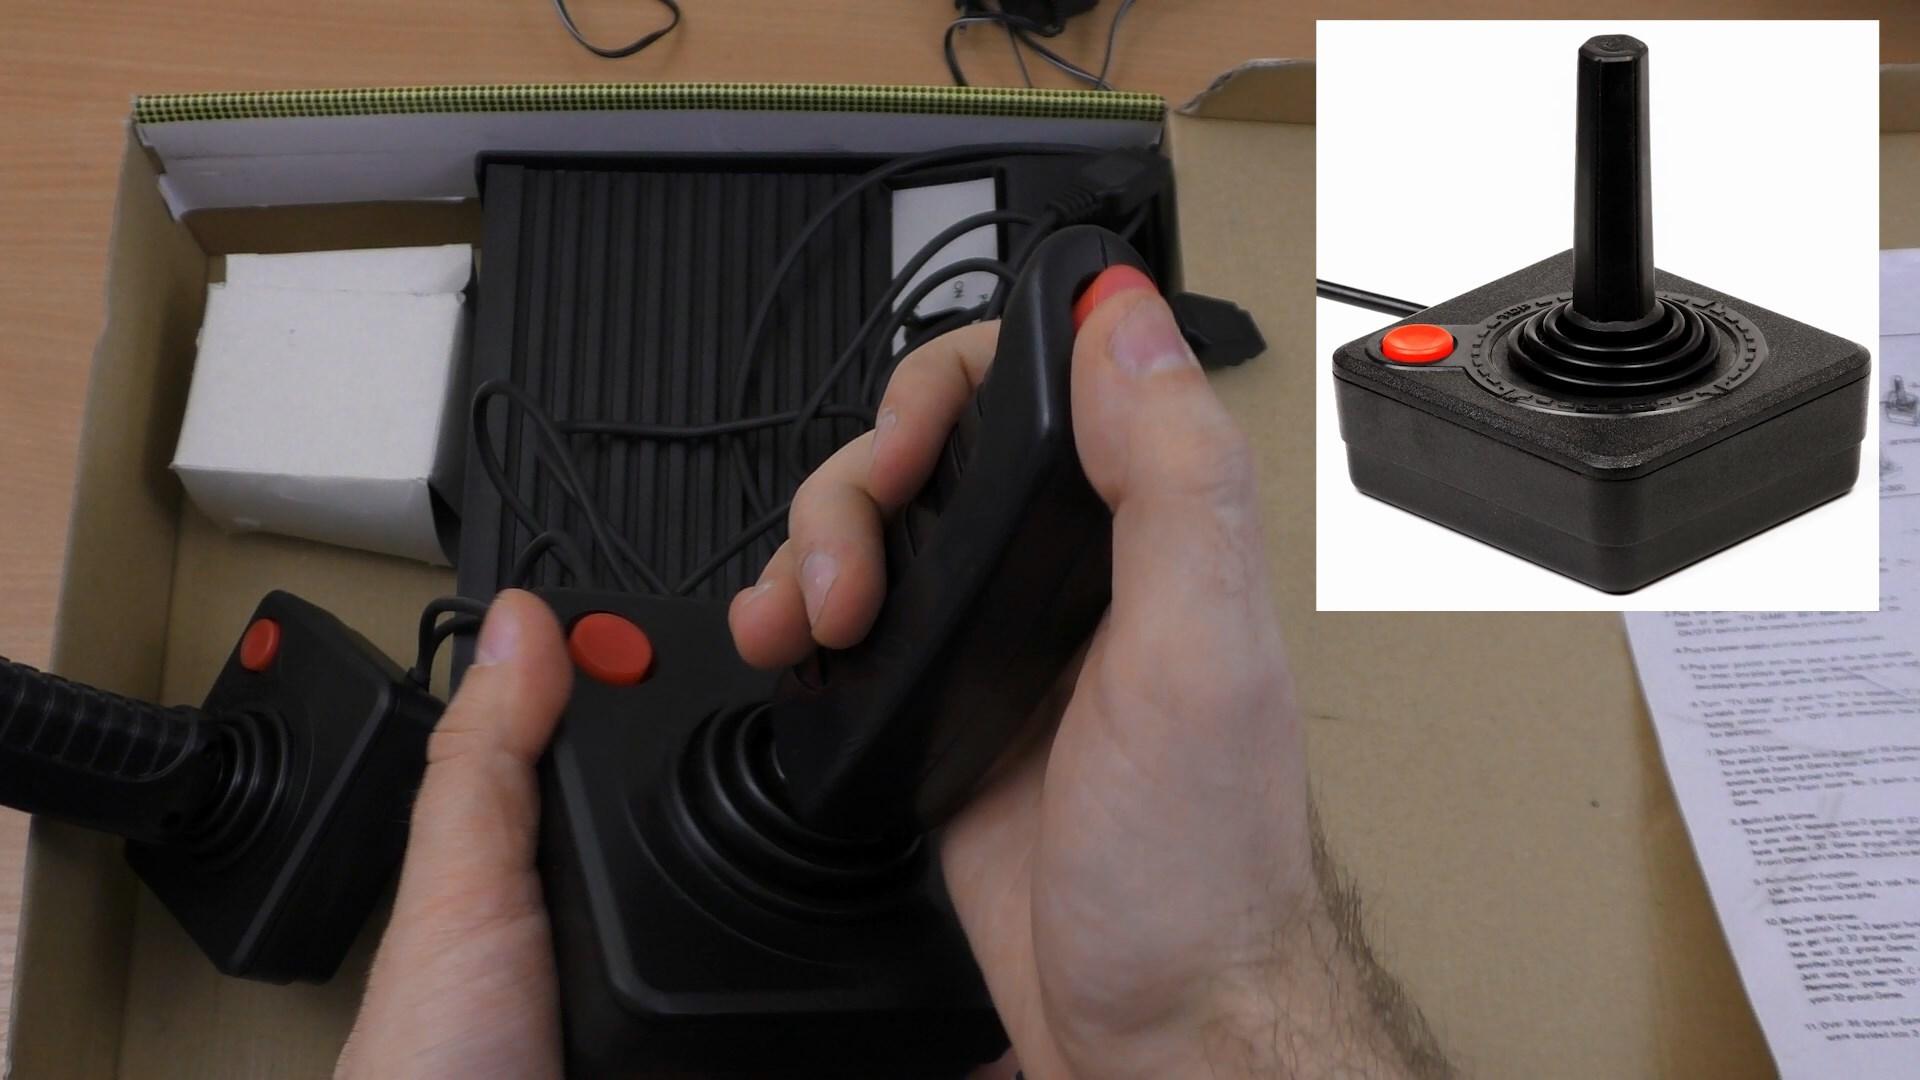 Rambo TV Games (Atari 2600) [статья с кучей фото и капелькой видео] - 10